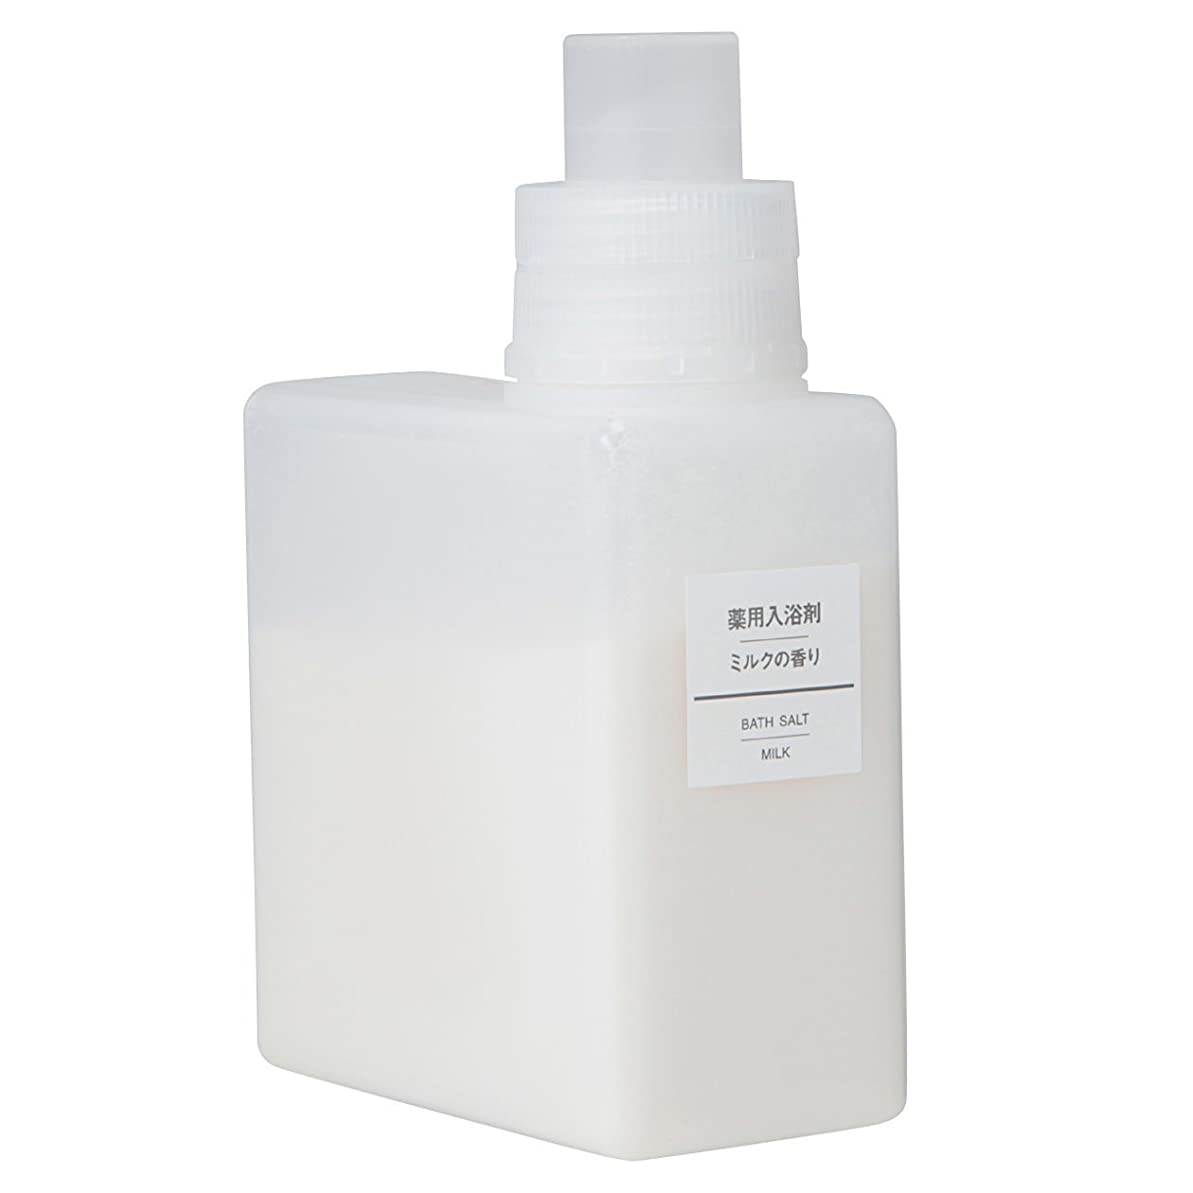 コメンテーター麦芽苗無印良品 薬用入浴剤?ミルクの香り (新)500g 日本製